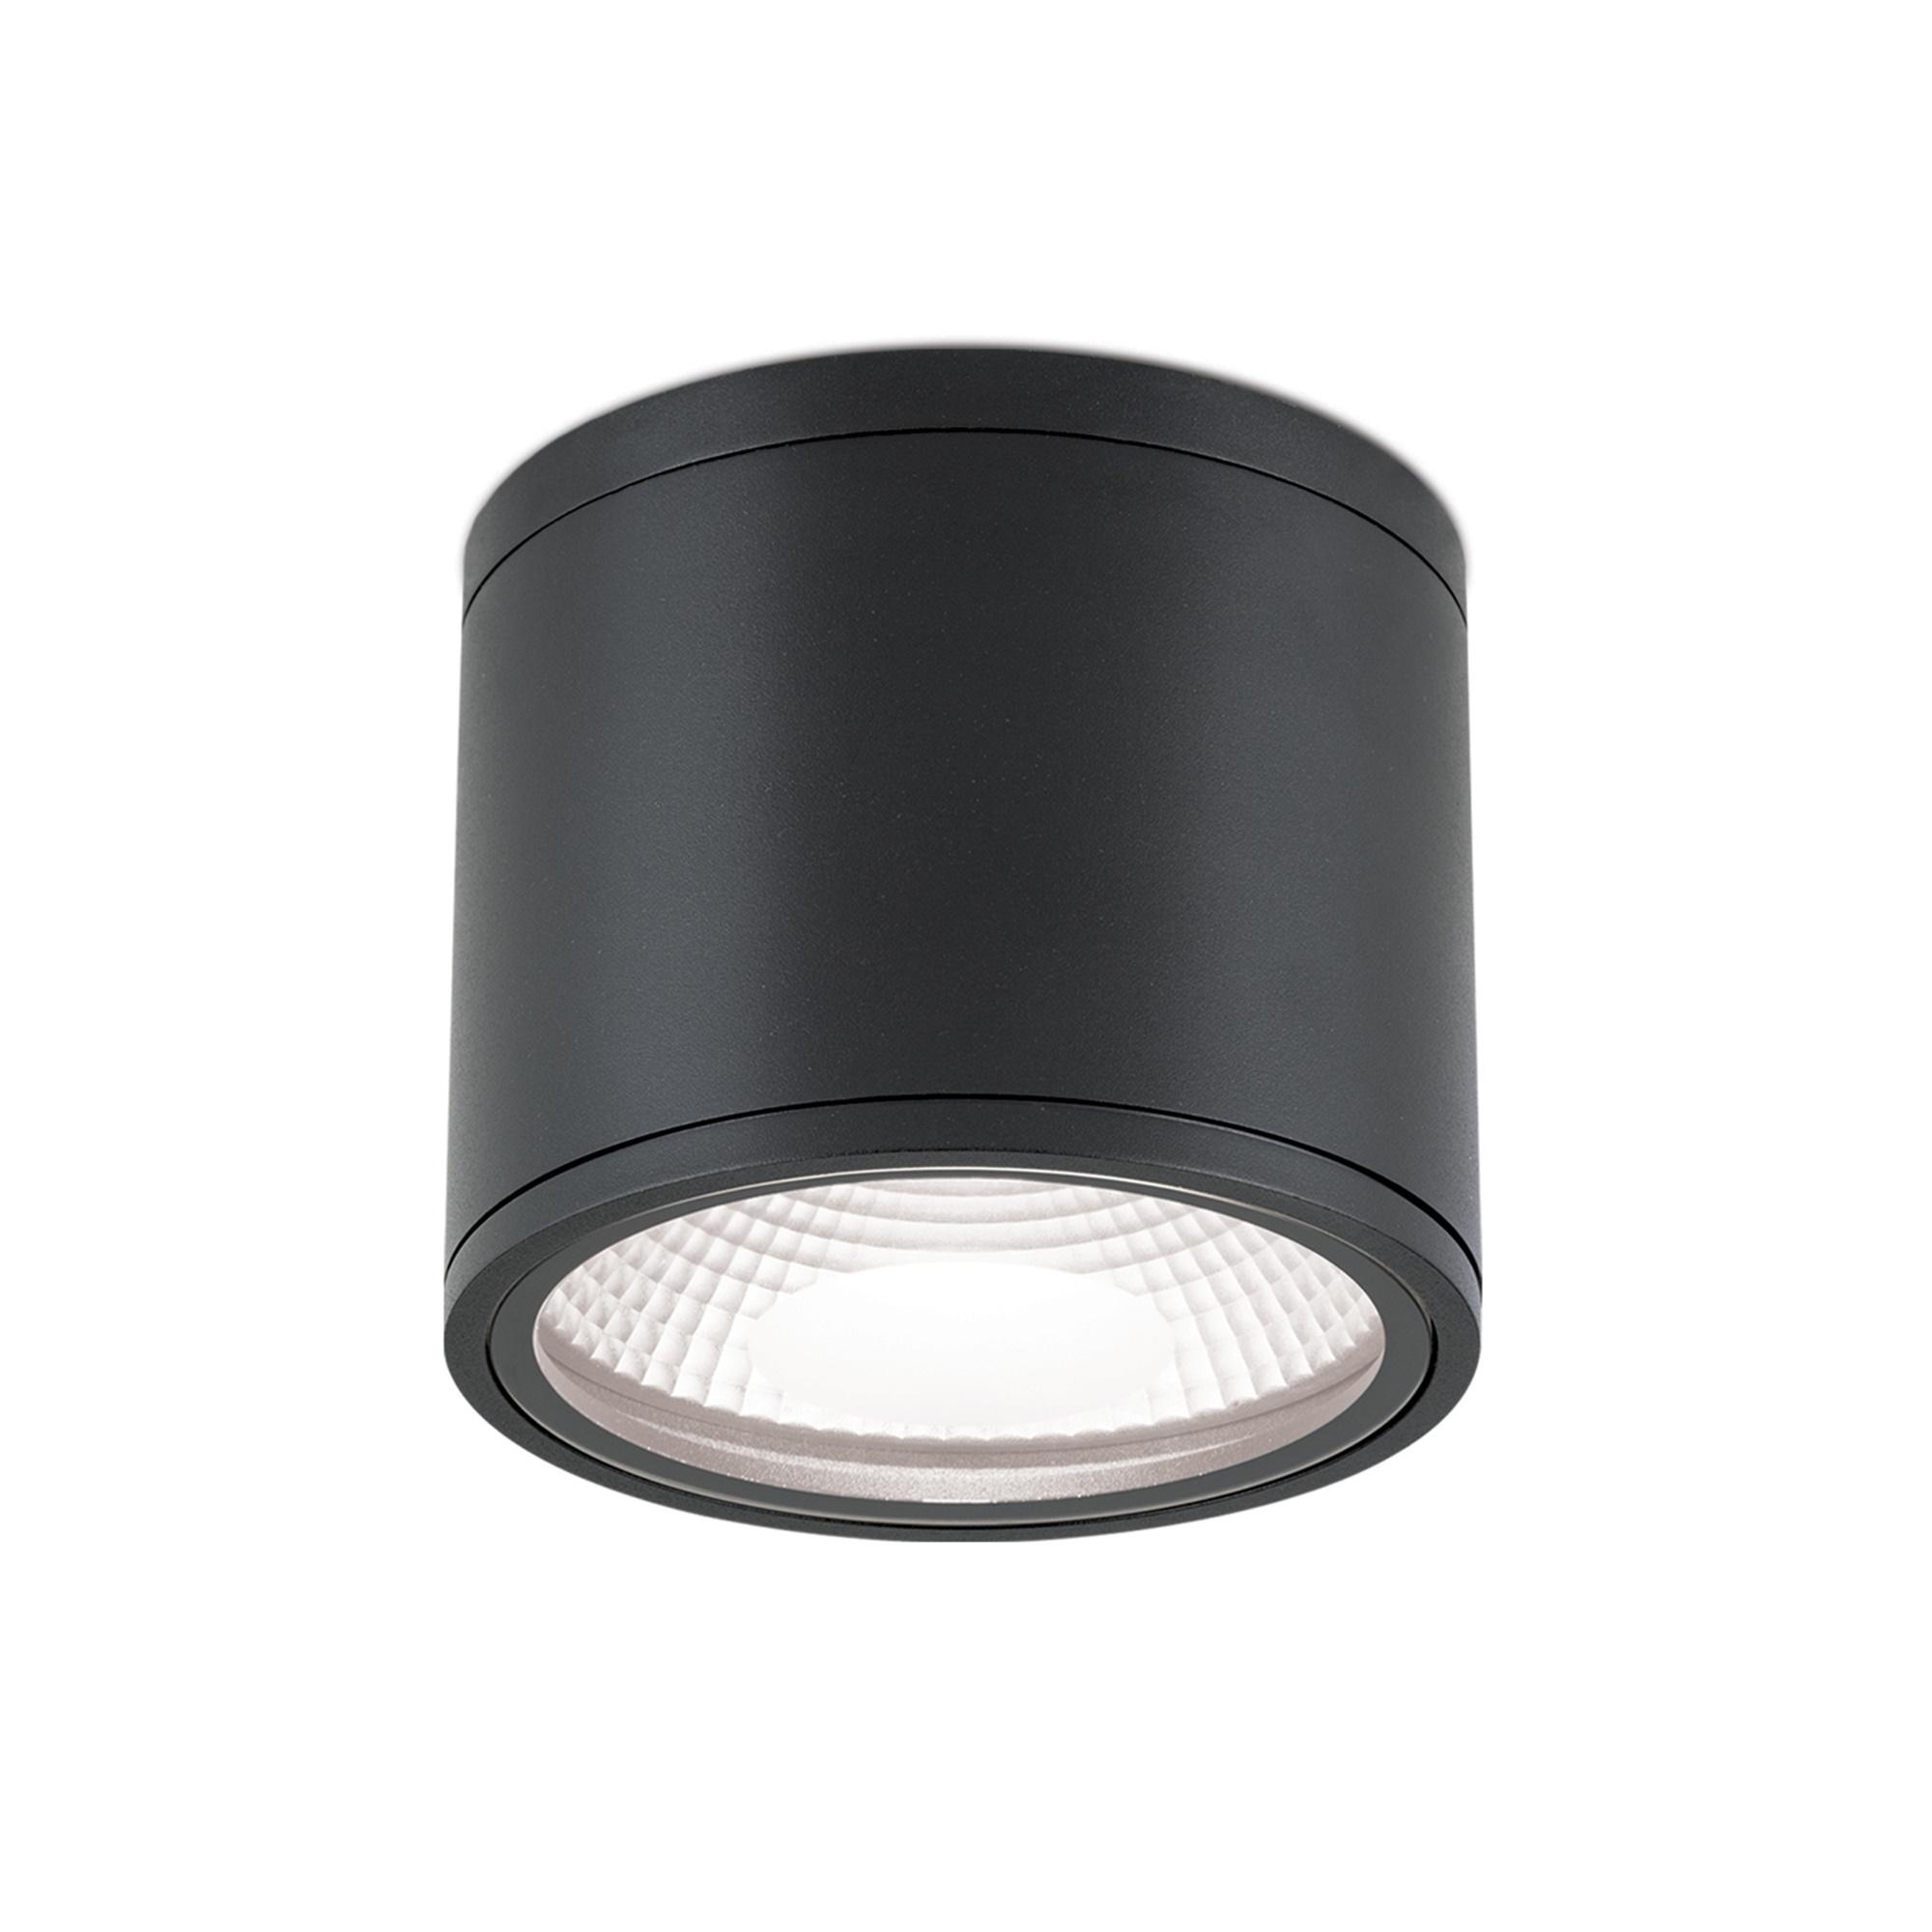 Hausmarke LED-Deckenaußenleuchte 15cm SPUTNIK schwarz DL 7-665 schwarz